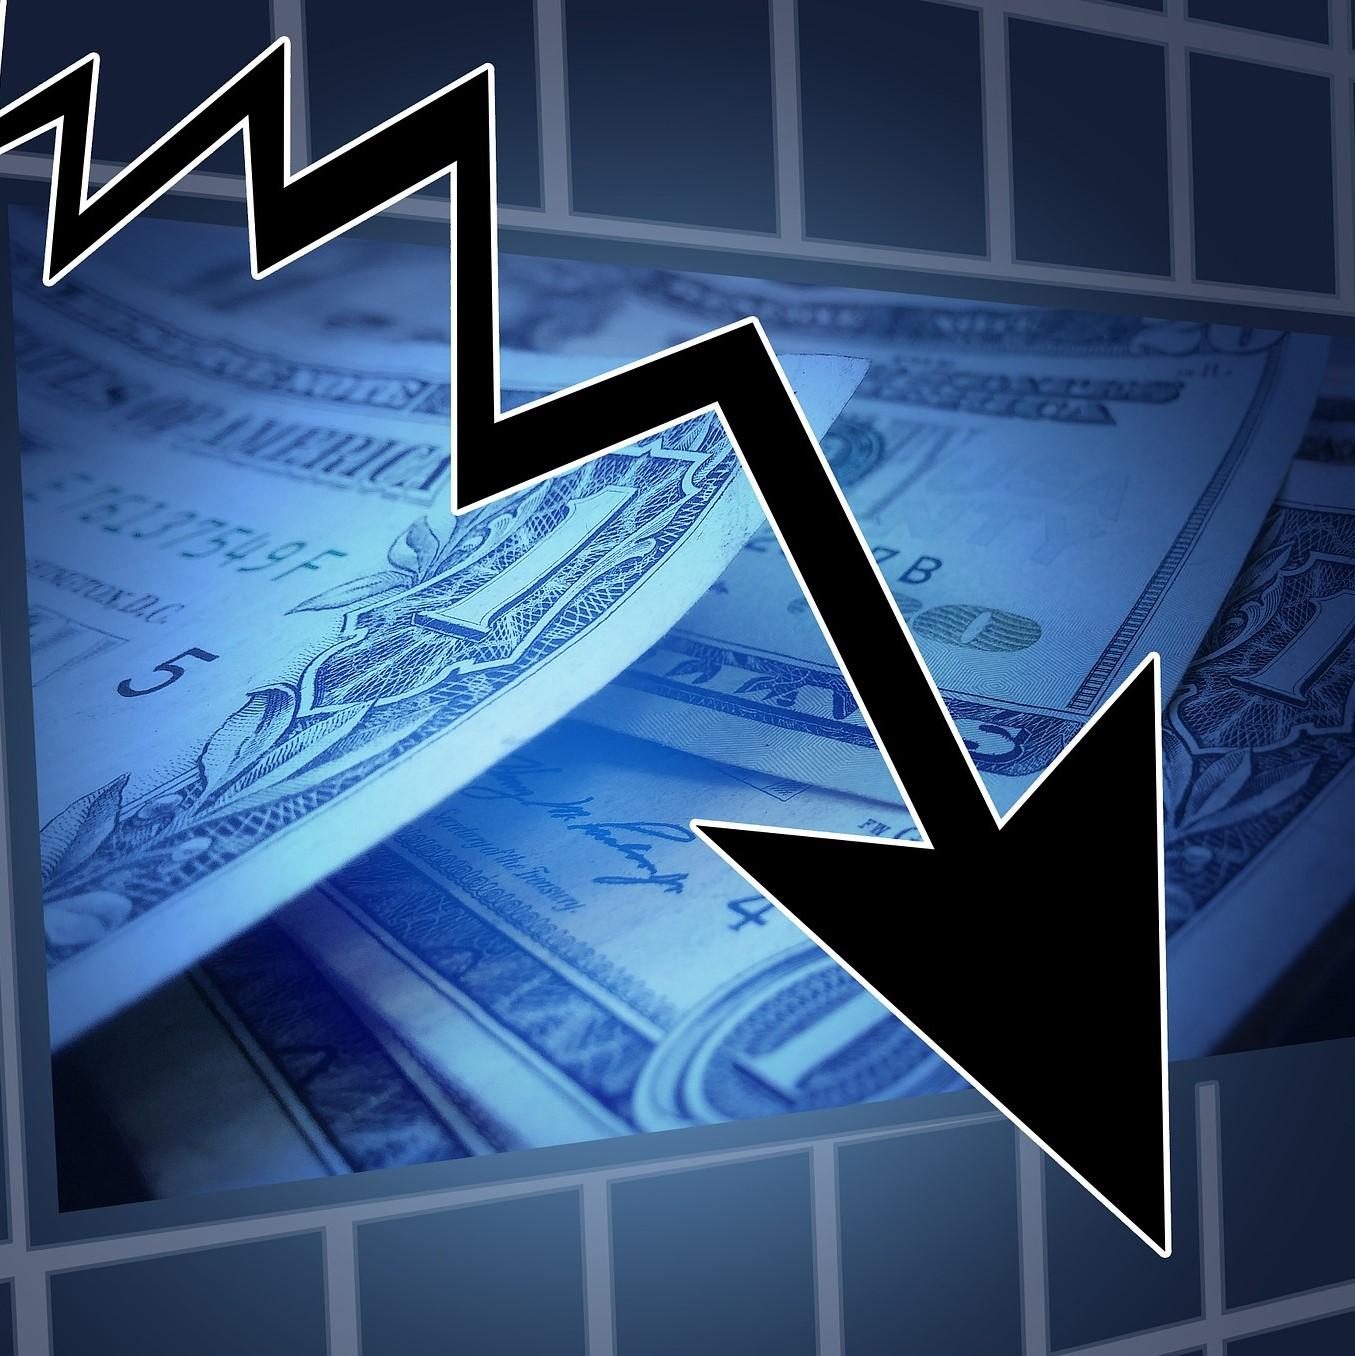 Schlechte Nachrichten für die Börse